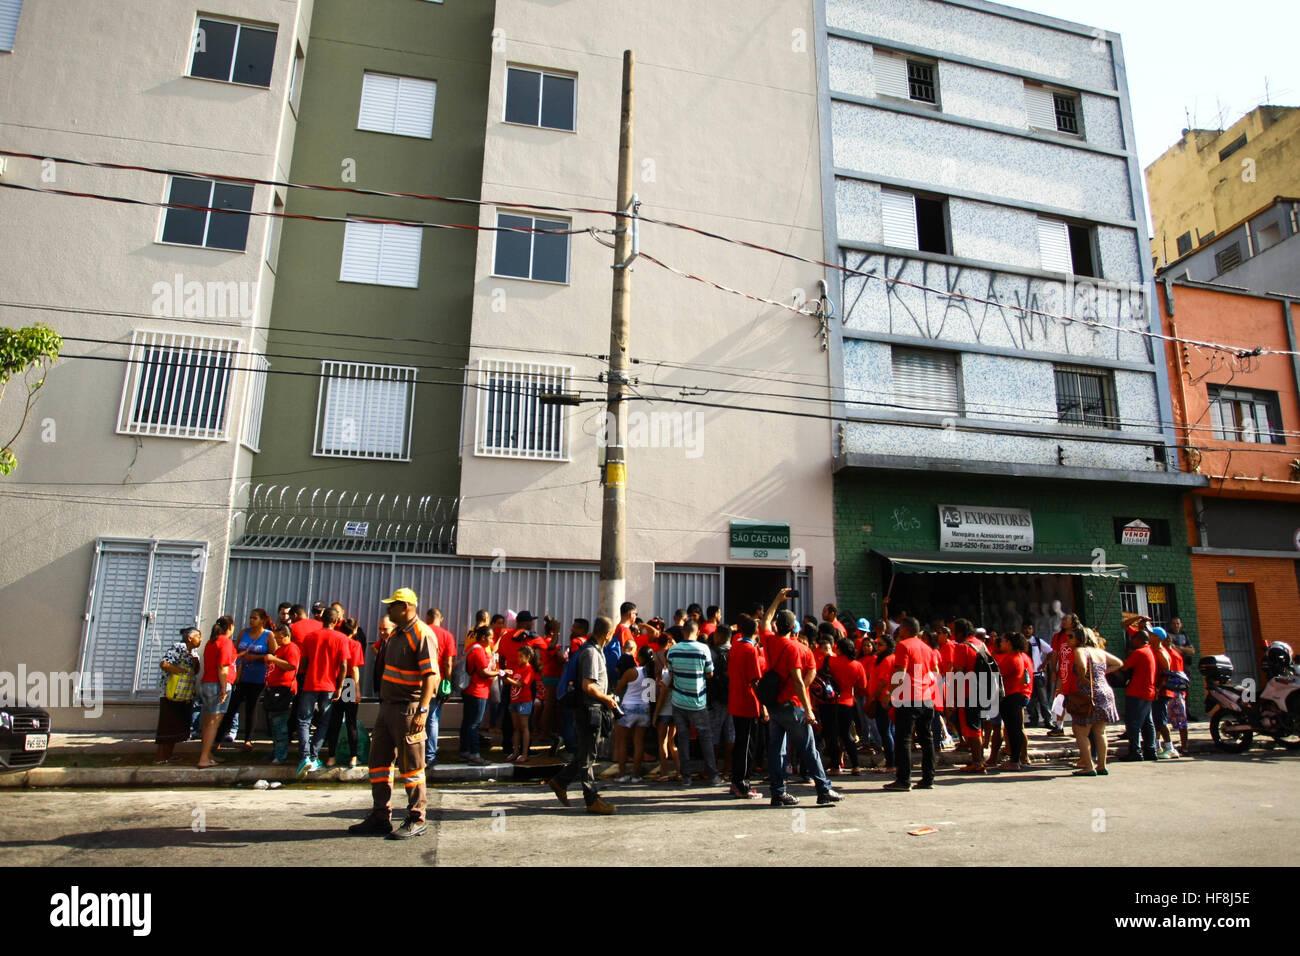 SÃO PAULO, SP - 29.12.2016: ENTREGA DE APARTAMENTOS DA PRIMEIRA PPP - anlässlich Gouverneur Geraldo Alckmin in den Morgenstunden des Donnerstag (29), Rua São Caetano im Zentrum von São Paulo, 126 Wohnungen der ersten Public-Private Partnership (PPP) im Land Gehäuse für einkommensschwache Familien. Sie nahmen an der Veranstaltung Bürgermeister Fernando Haddad und dem Bürgermeister John Doria. (Foto: Aloisio Mauricio/Fotoarena) Stockfoto